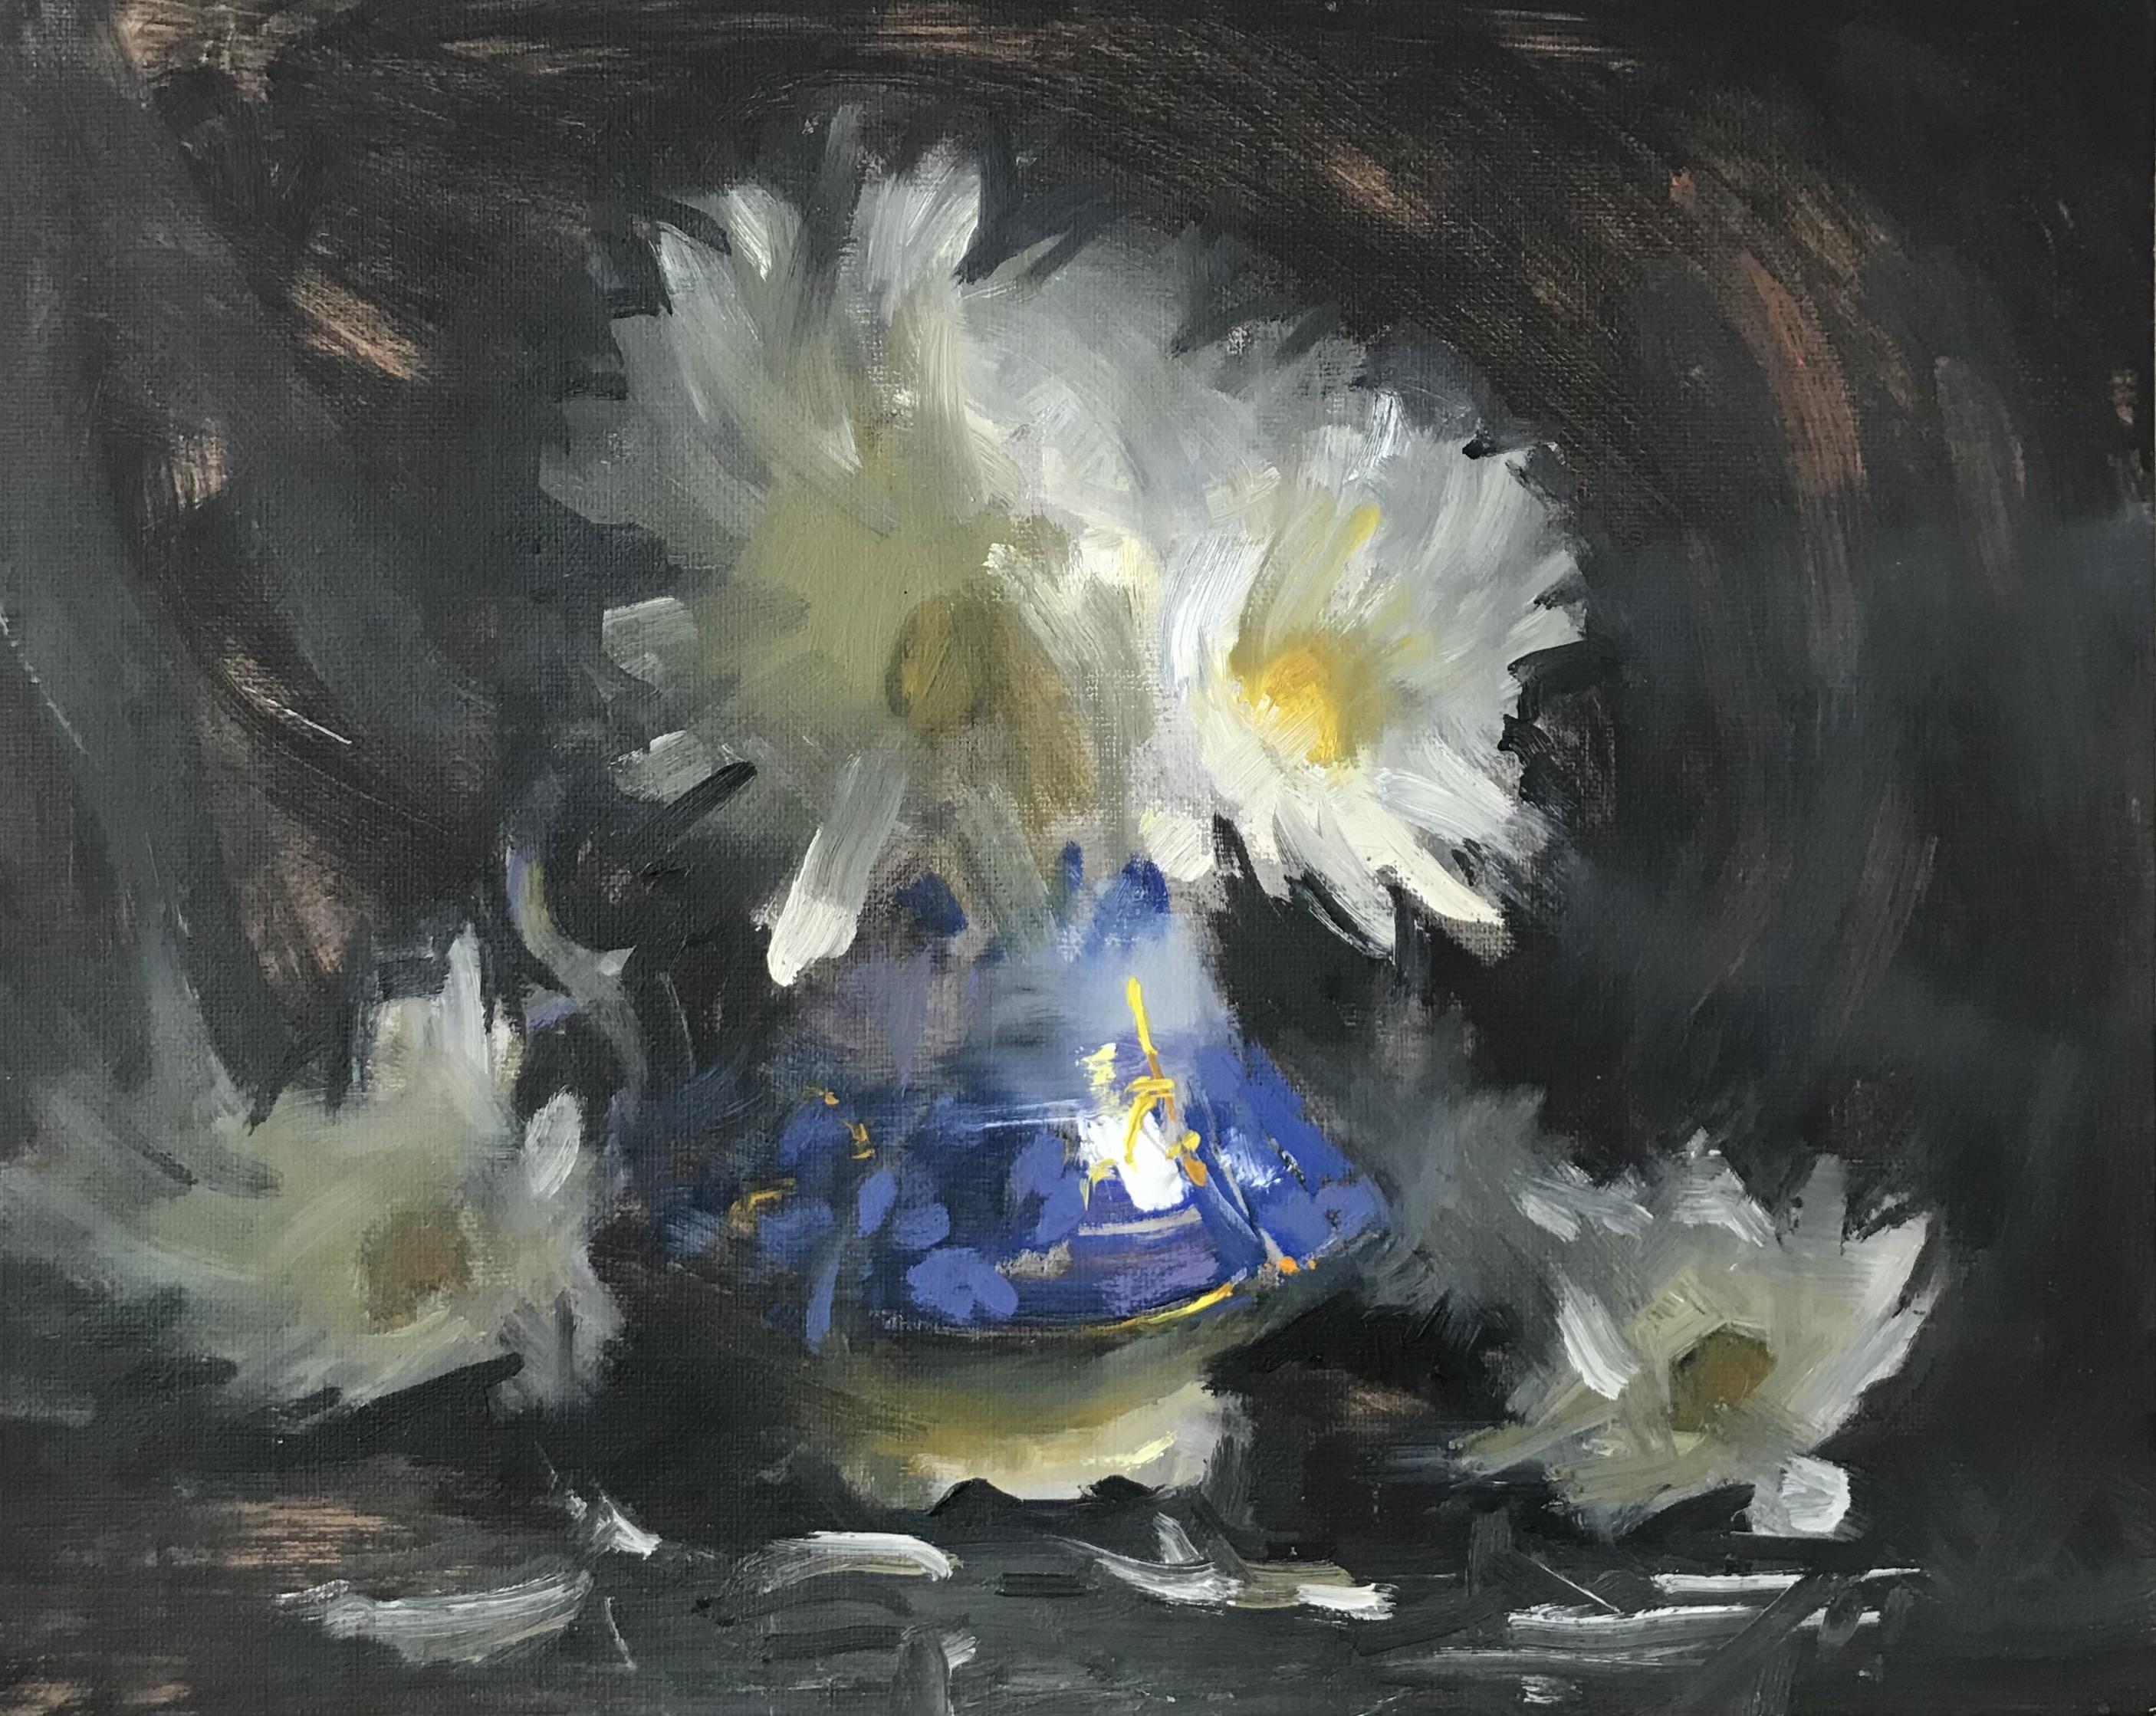 Susan Hotard